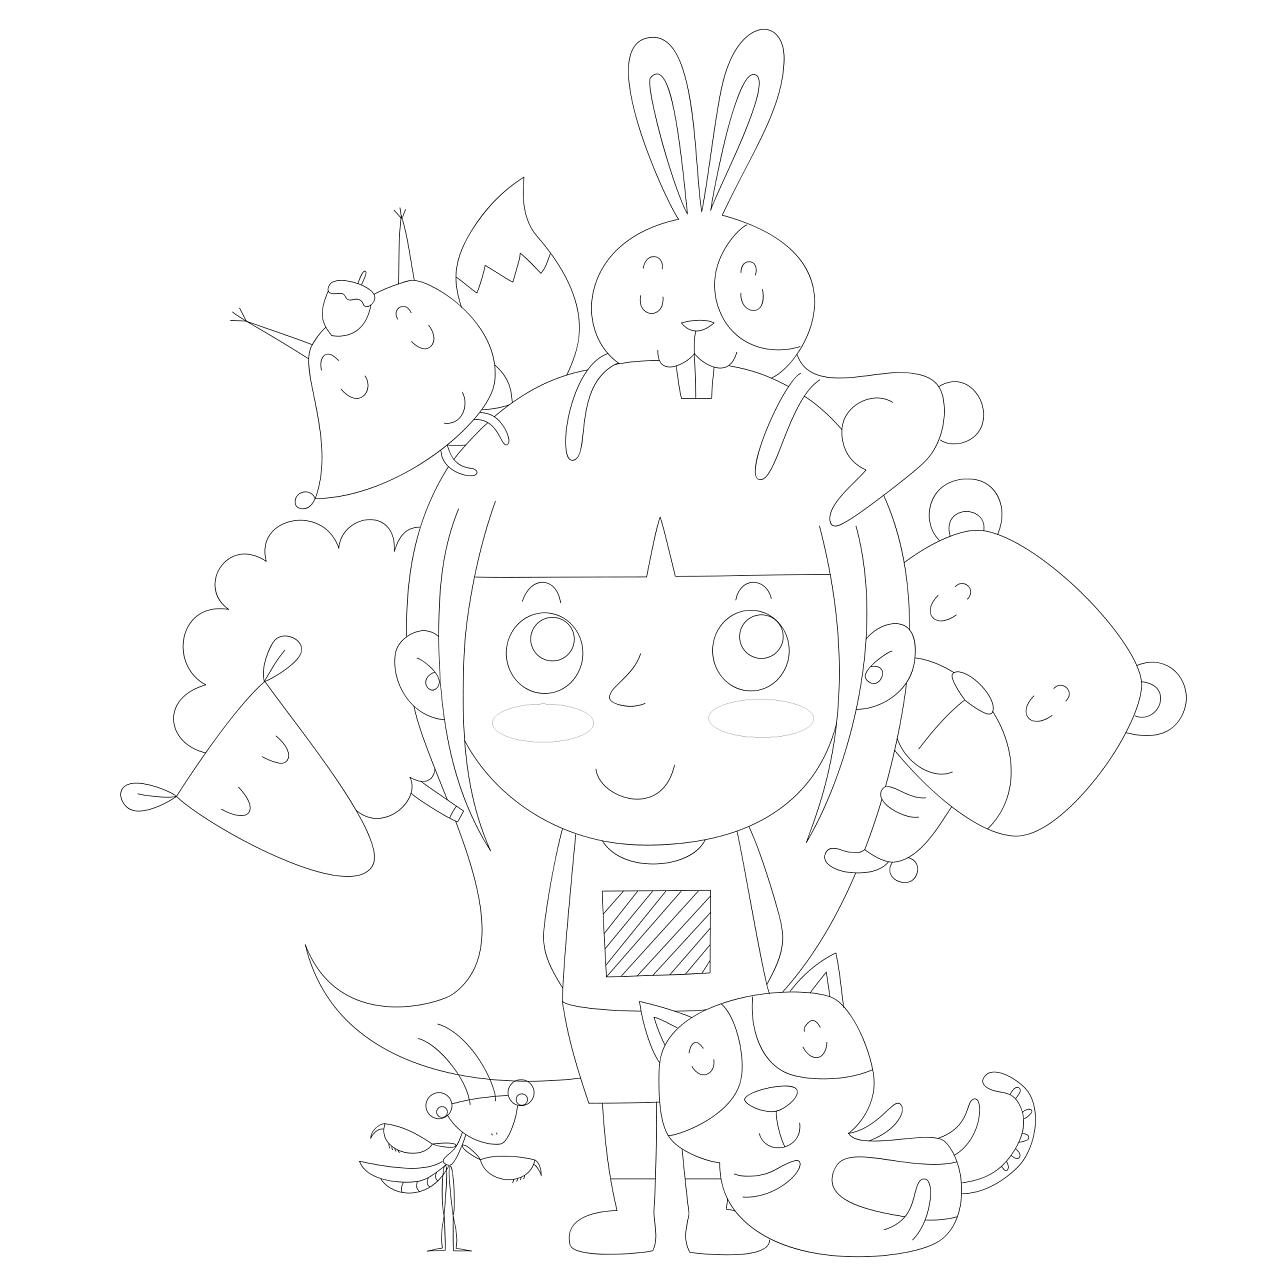 罗monkey的动物王国 插画 儿童插画 luokaiying图片